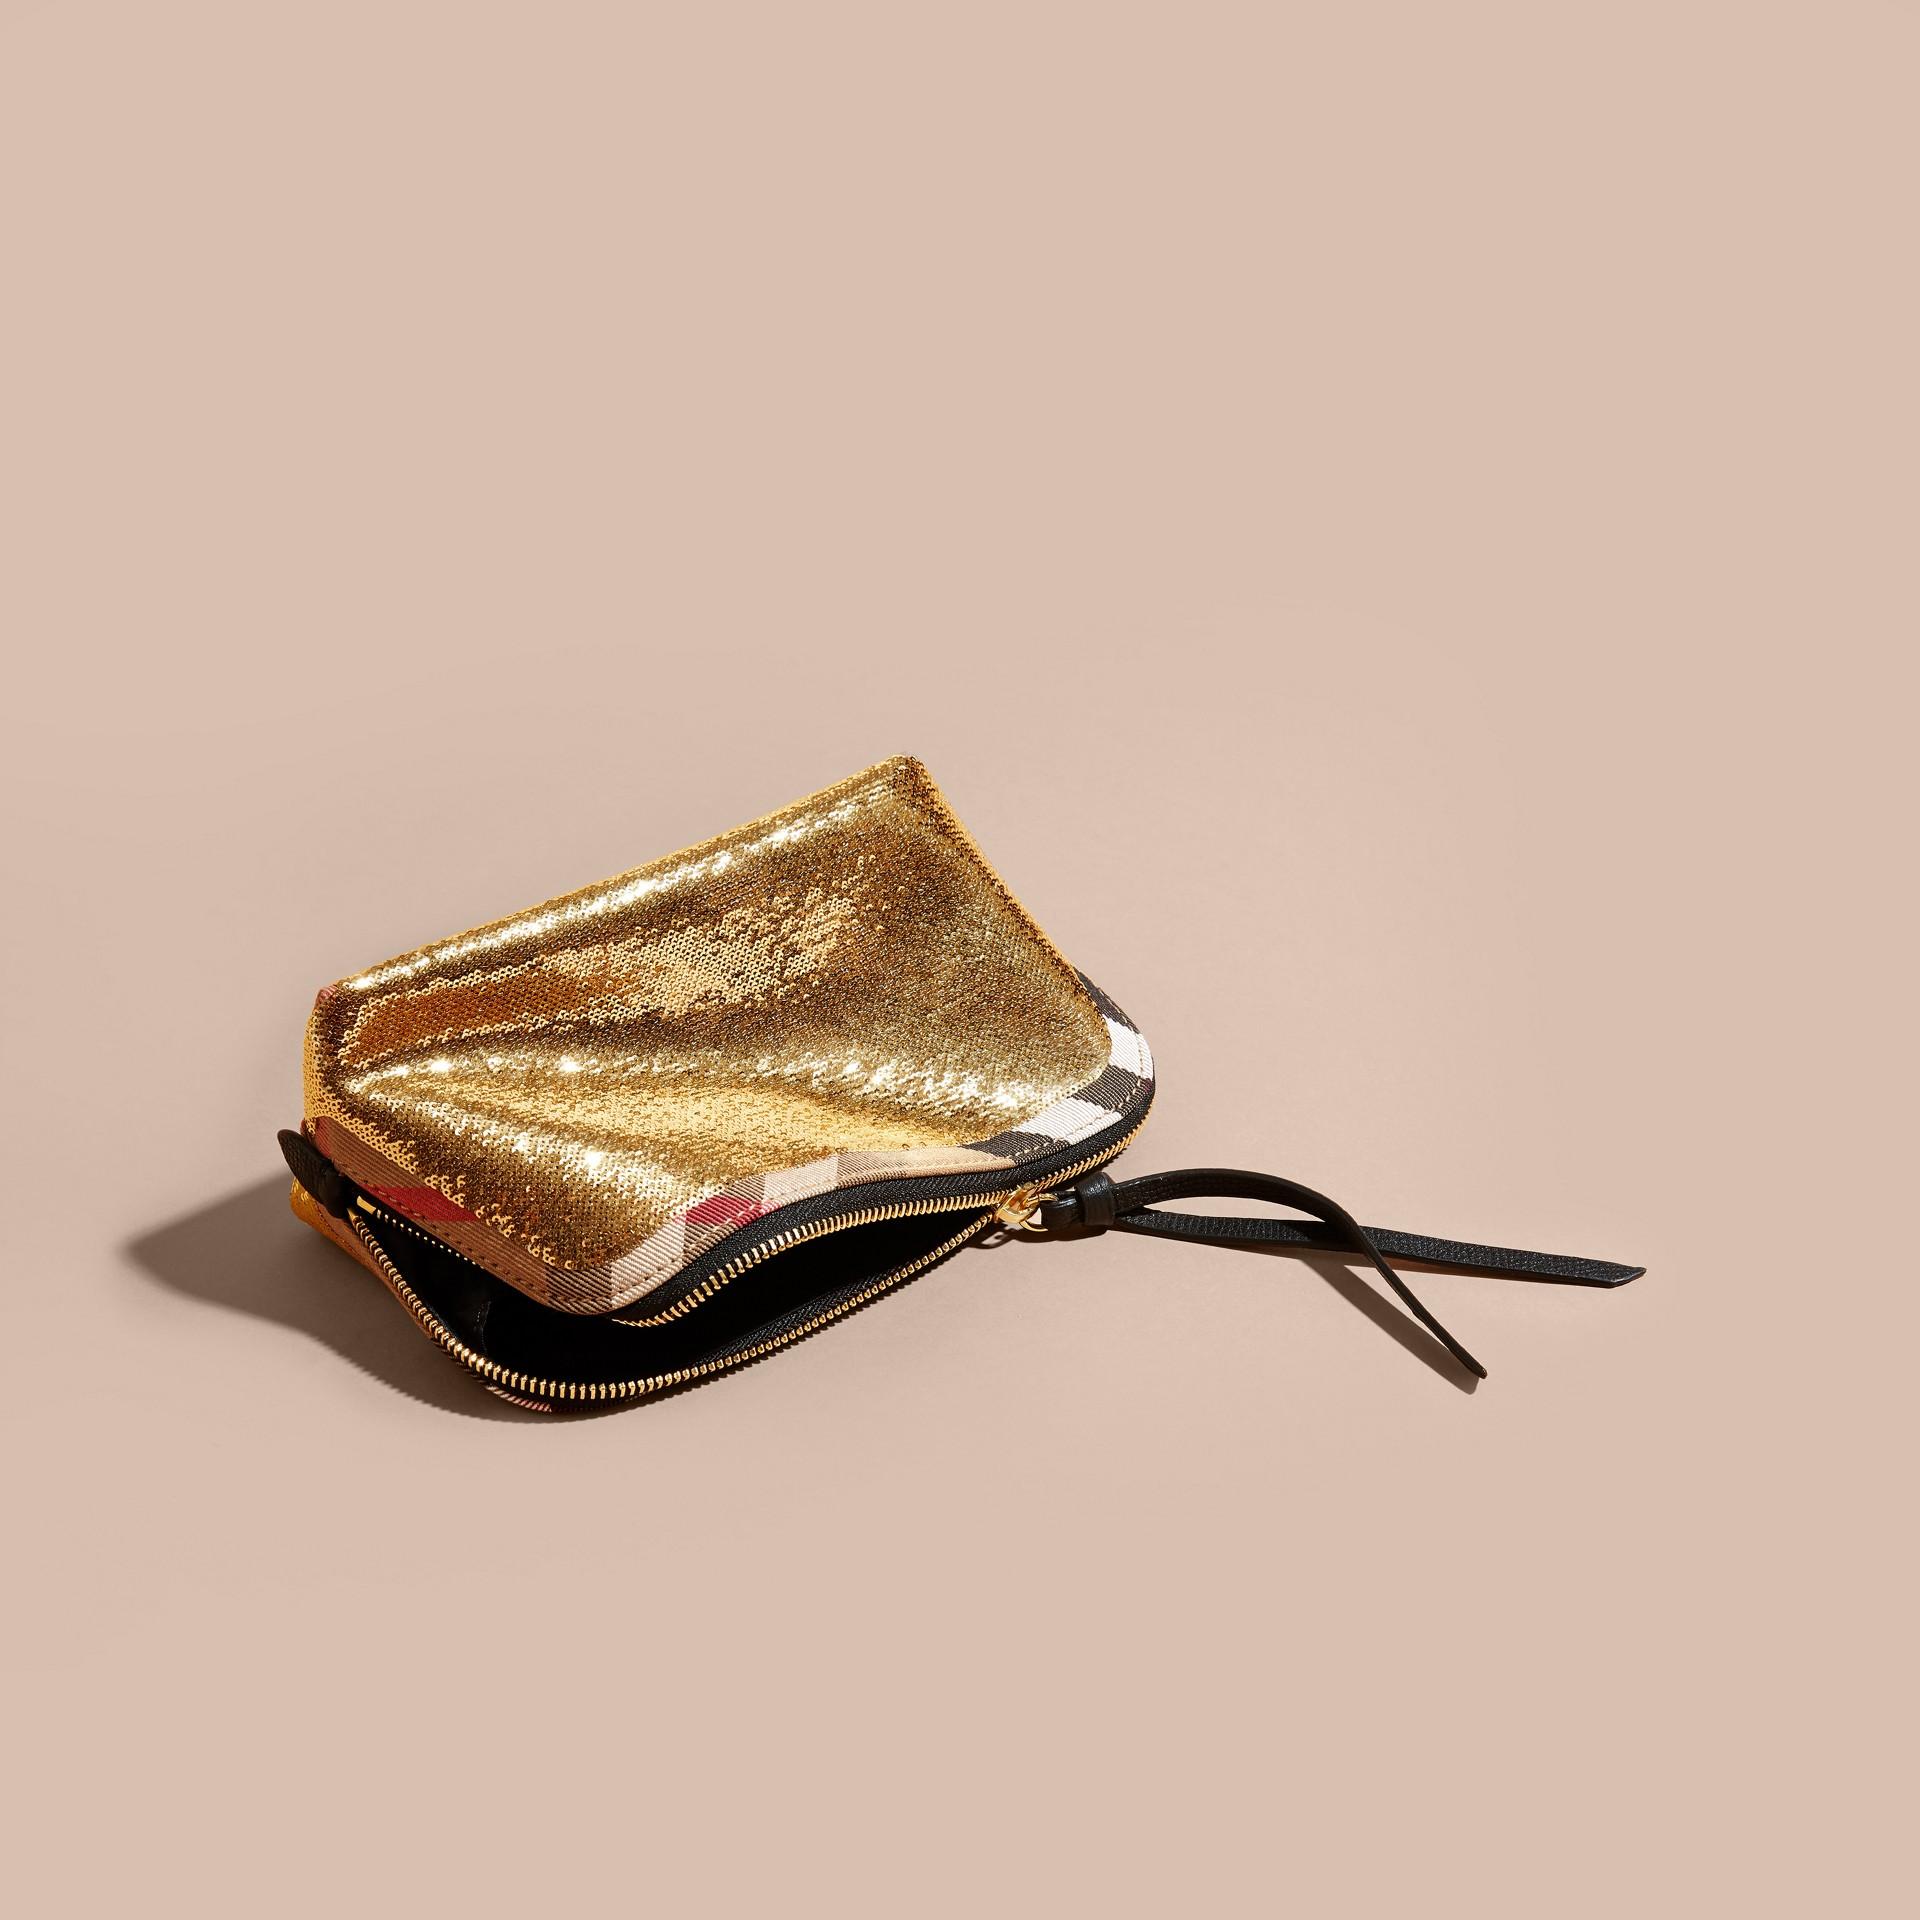 Oro/nero Trousse grande con motivo House check, paillettes e cerniera Oro/nero - immagine della galleria 3